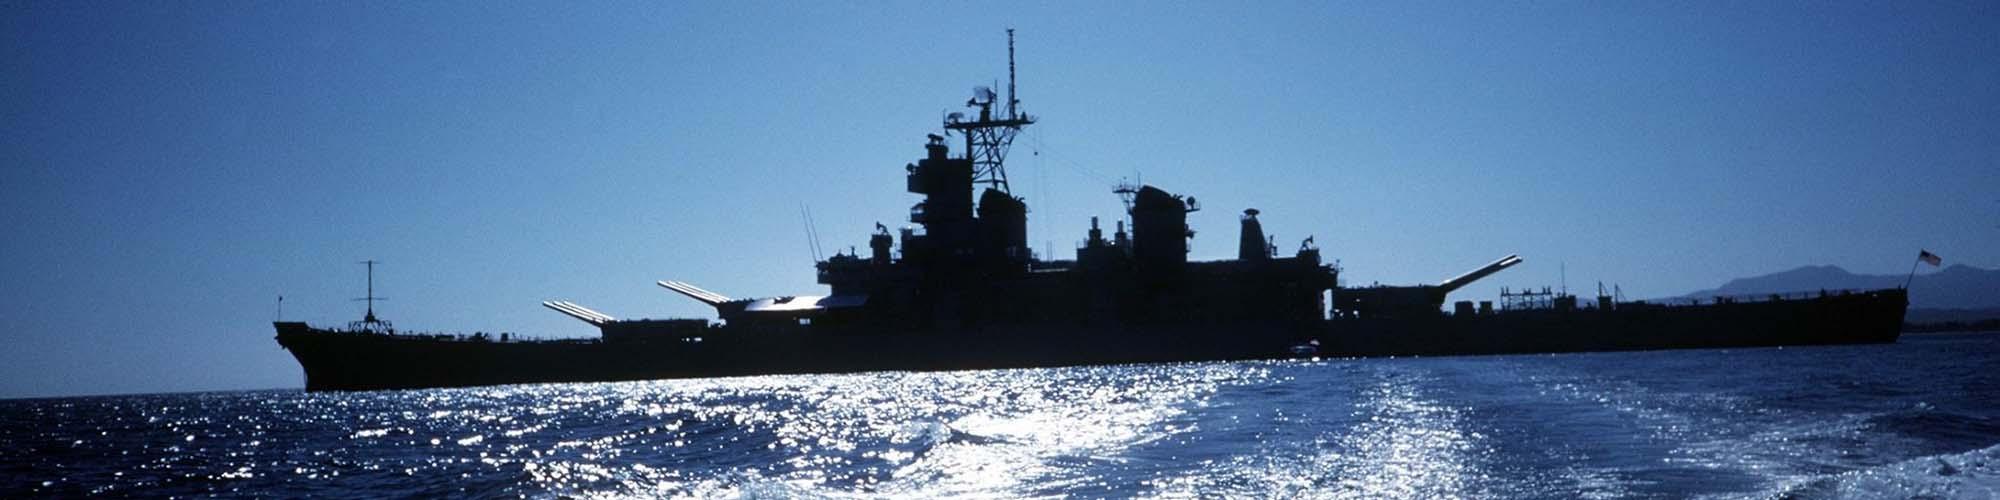 USS IOWA Merchandise, Ship's Store | USS IOWA VETERANS